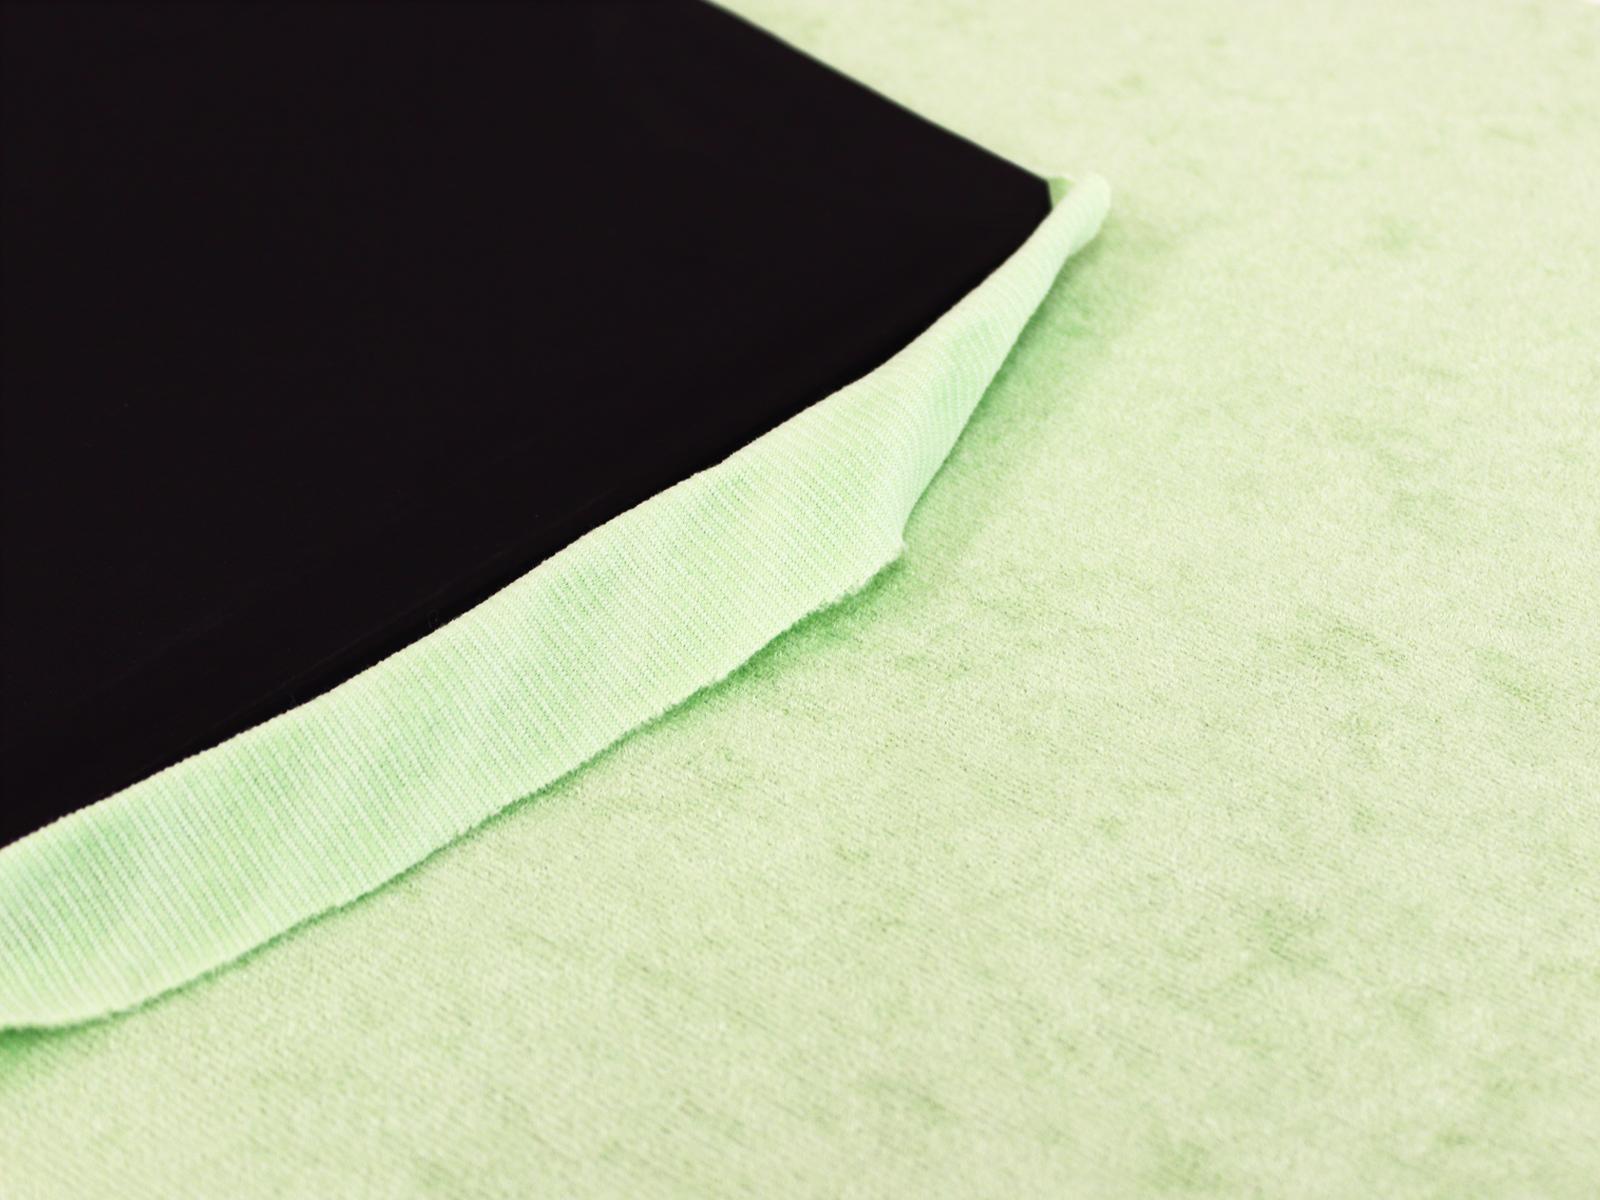 ネオプレーン生地片面起毛ジャージ素材(裏面)、片面メッシュラバー(表)2mm厚120cm×110cm